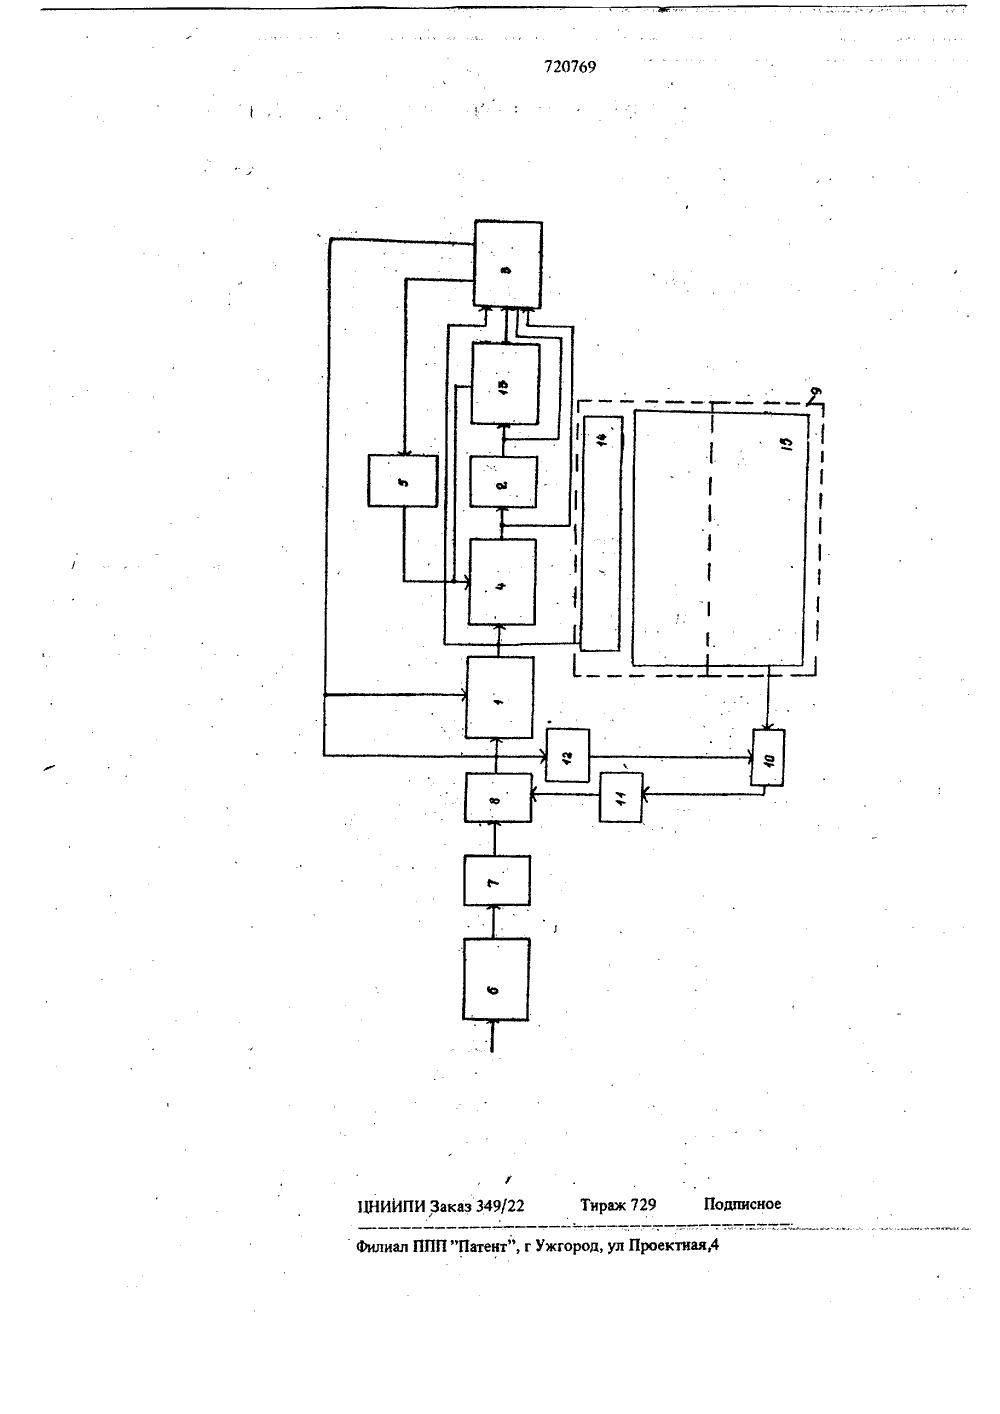 Схема фазовой обработки сигнала